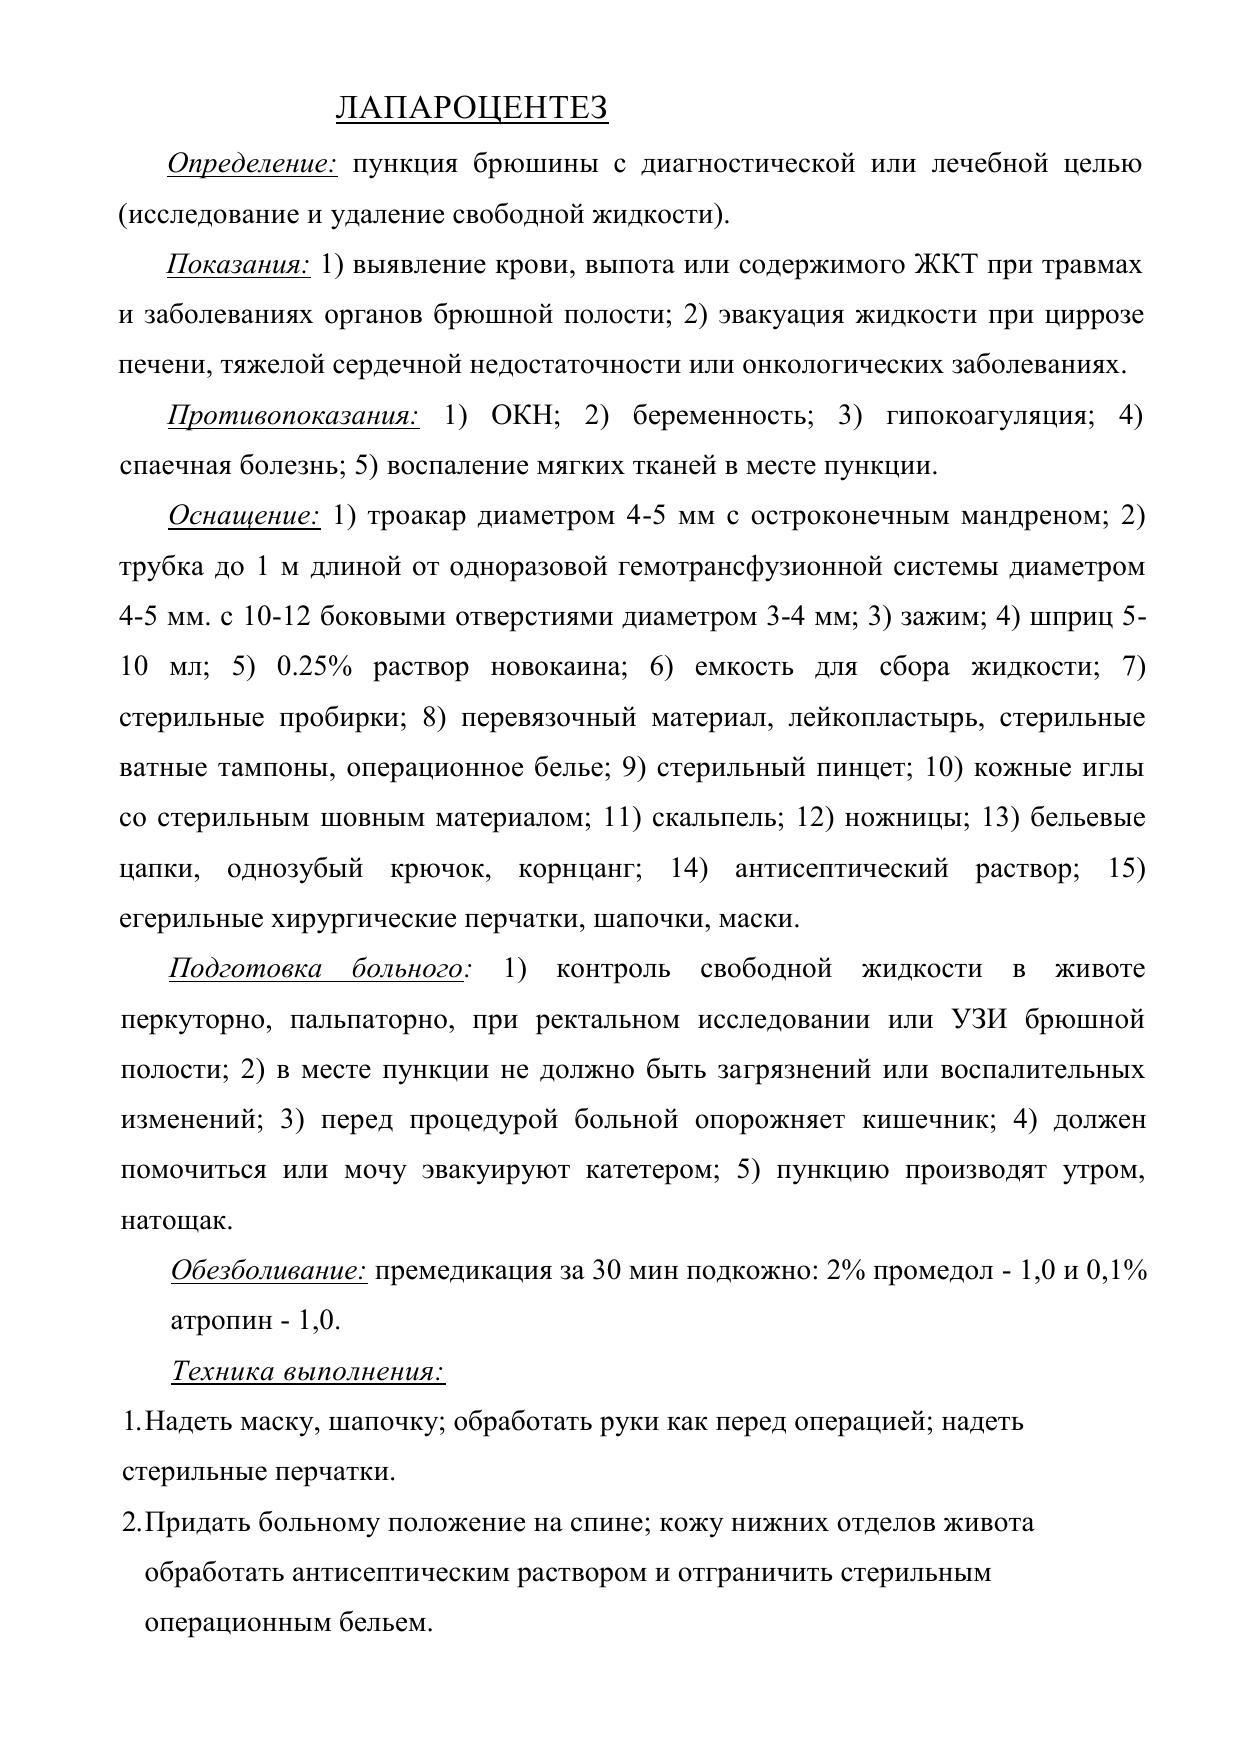 """Презентация на тему """"лапароцентез и диагностическая лапароскопия"""""""